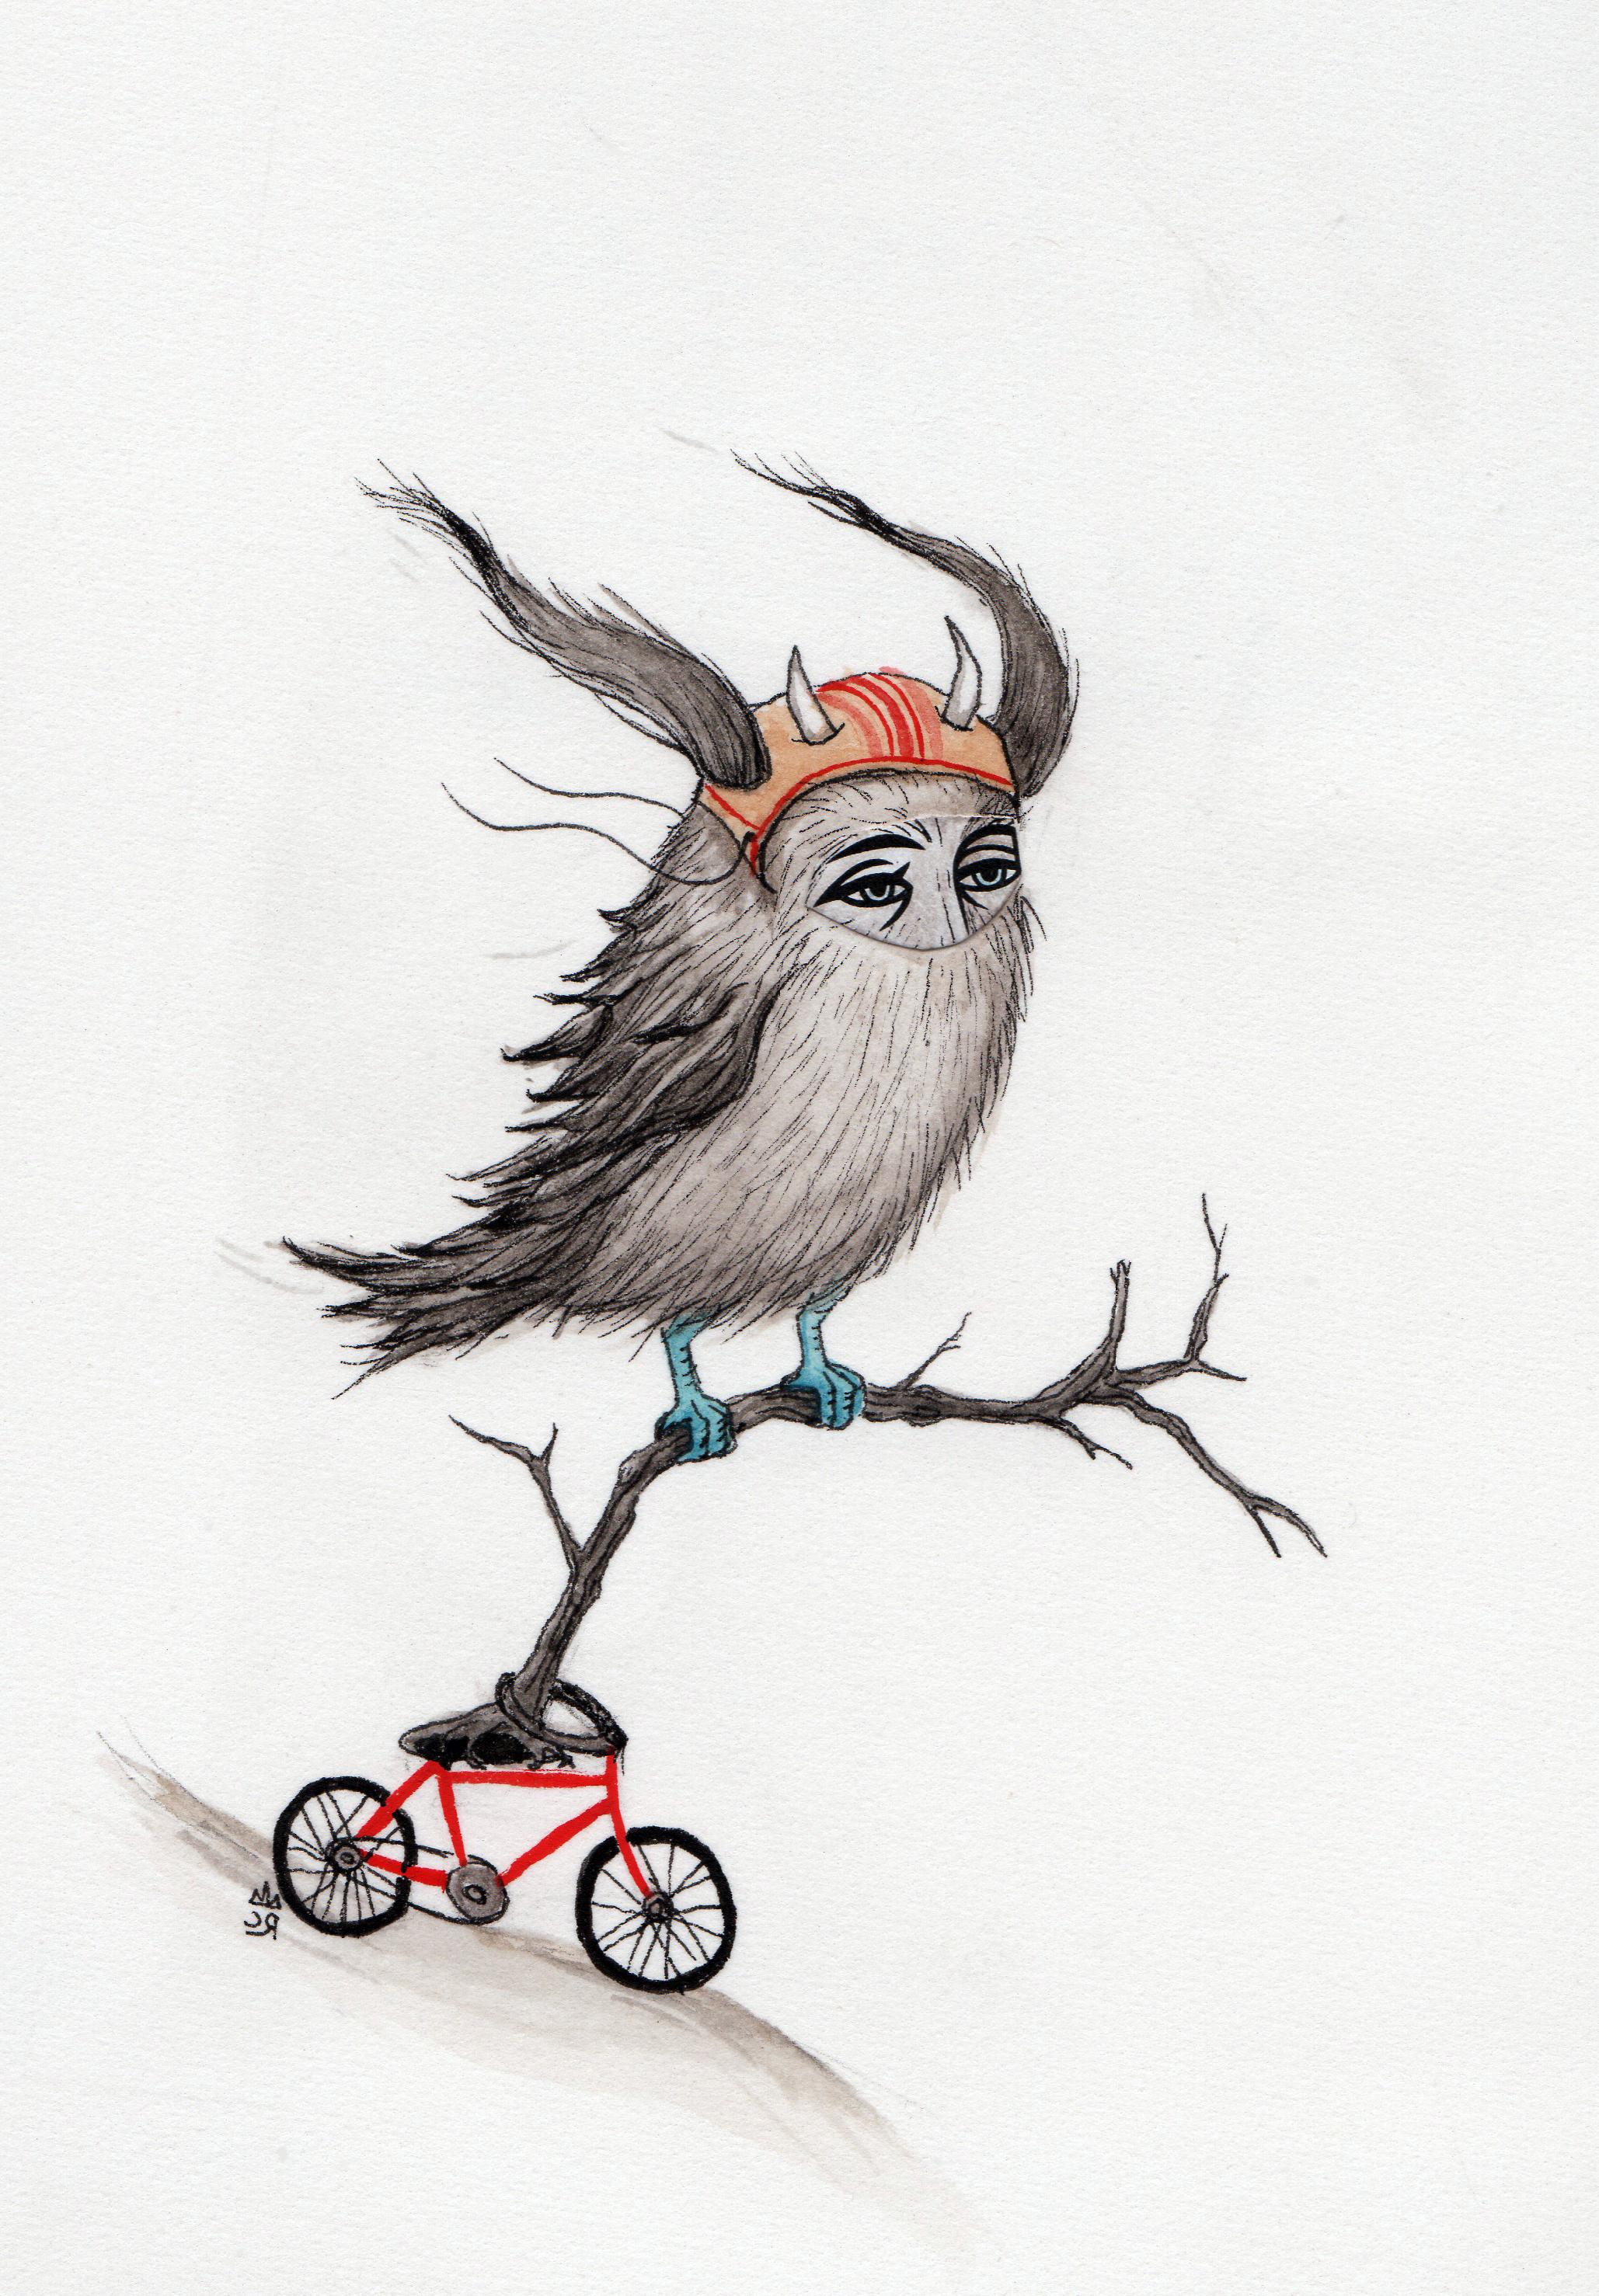 Tree-Cycle